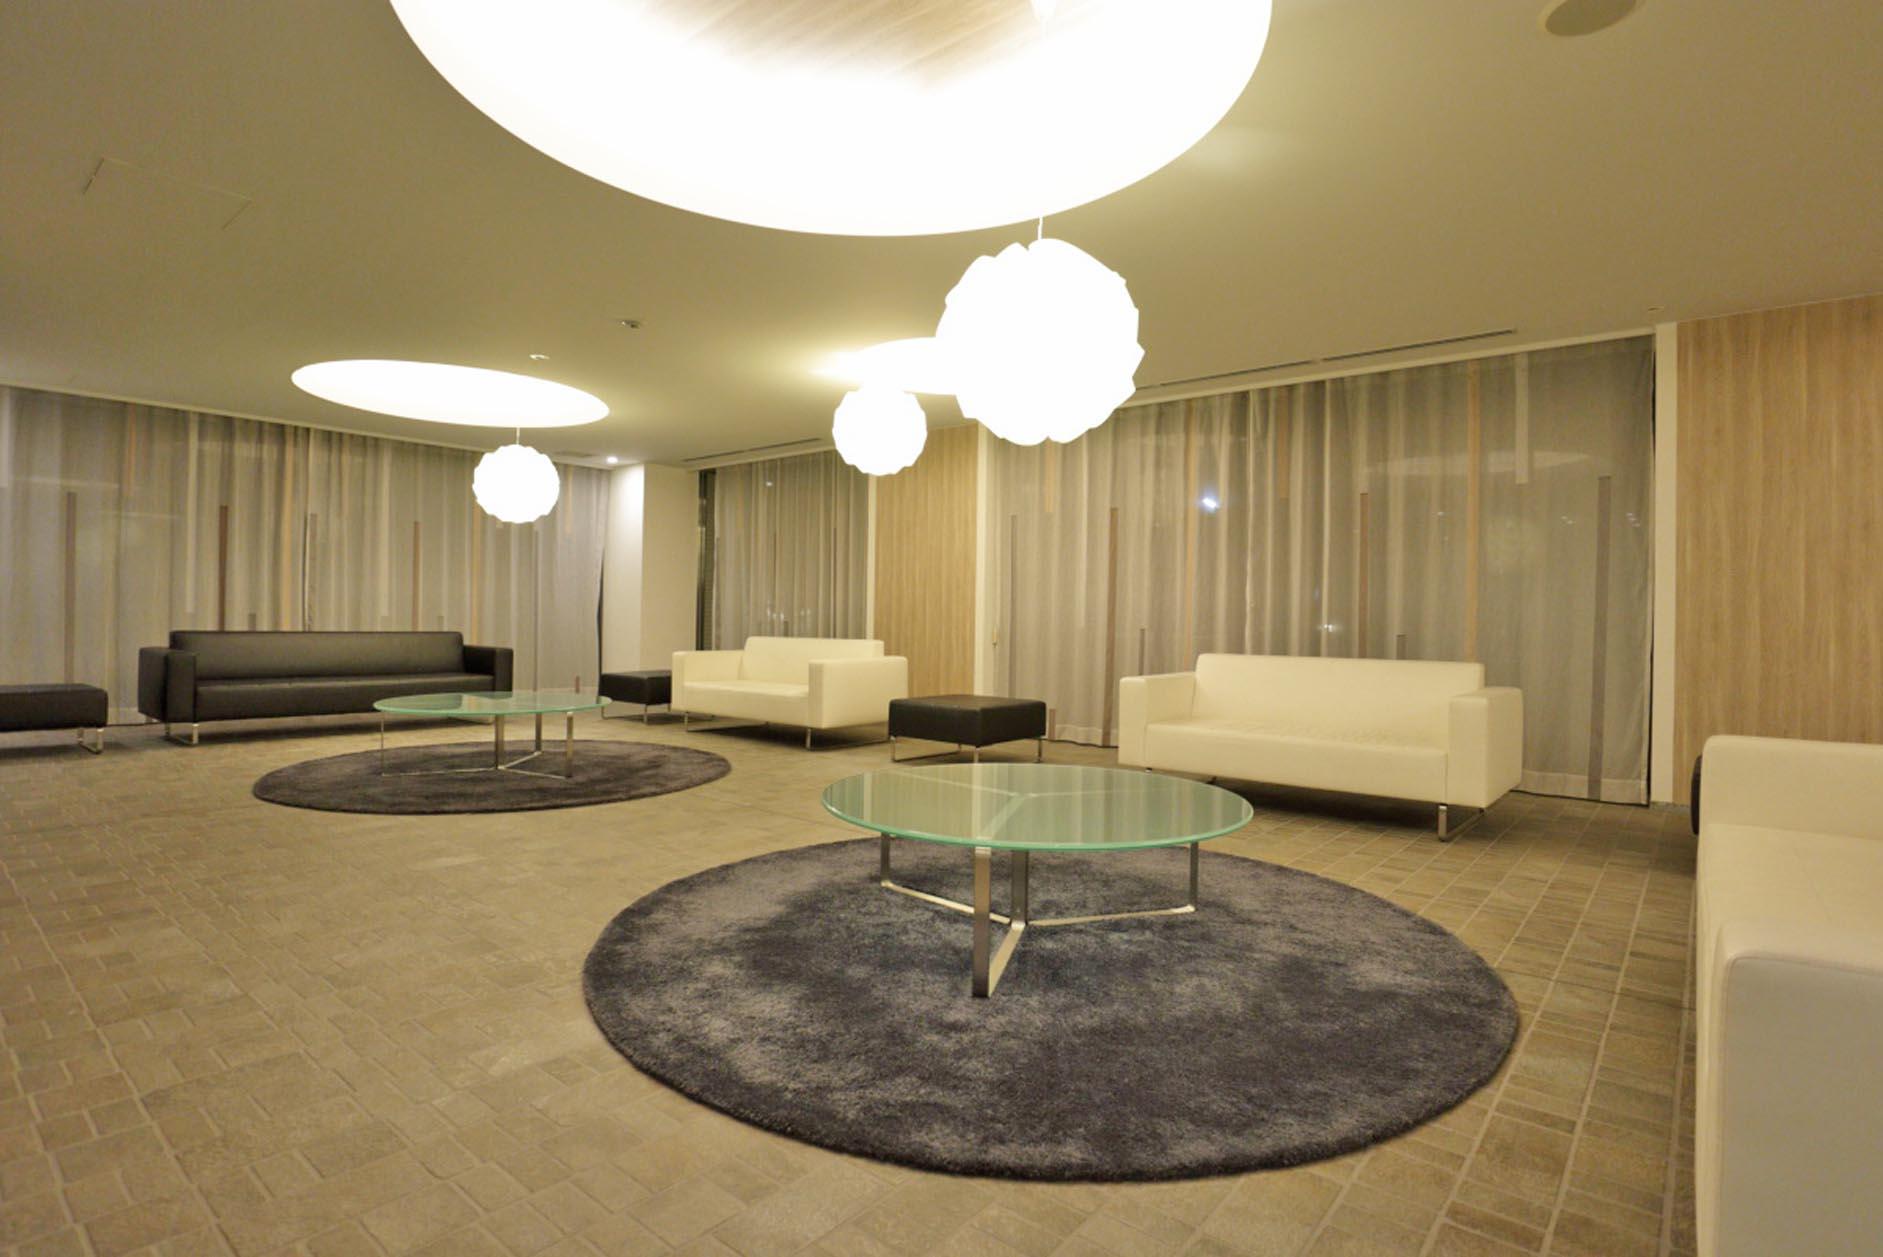 照明・家具にも拘ったホテルライクなラウンジ イメージ